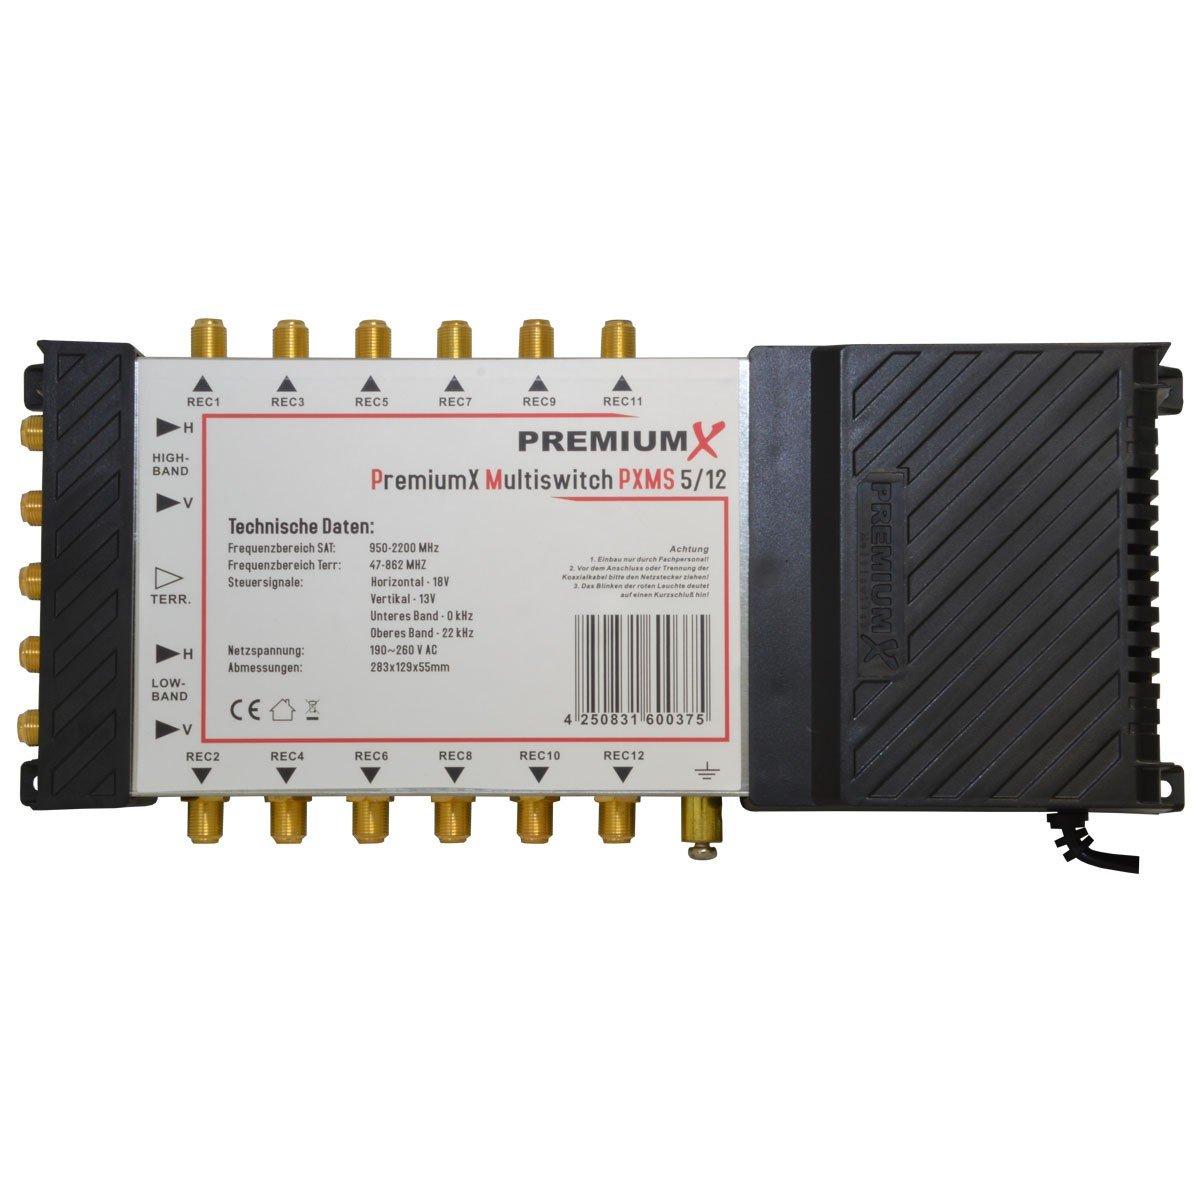 PremiumX pXMS-commutateur multiple 17 entr/ées//12 sorties avec bloc dalimentation en fullHD 1 x 12 hDTV et 3D pour 4 r/écepteurs satellites et sorties